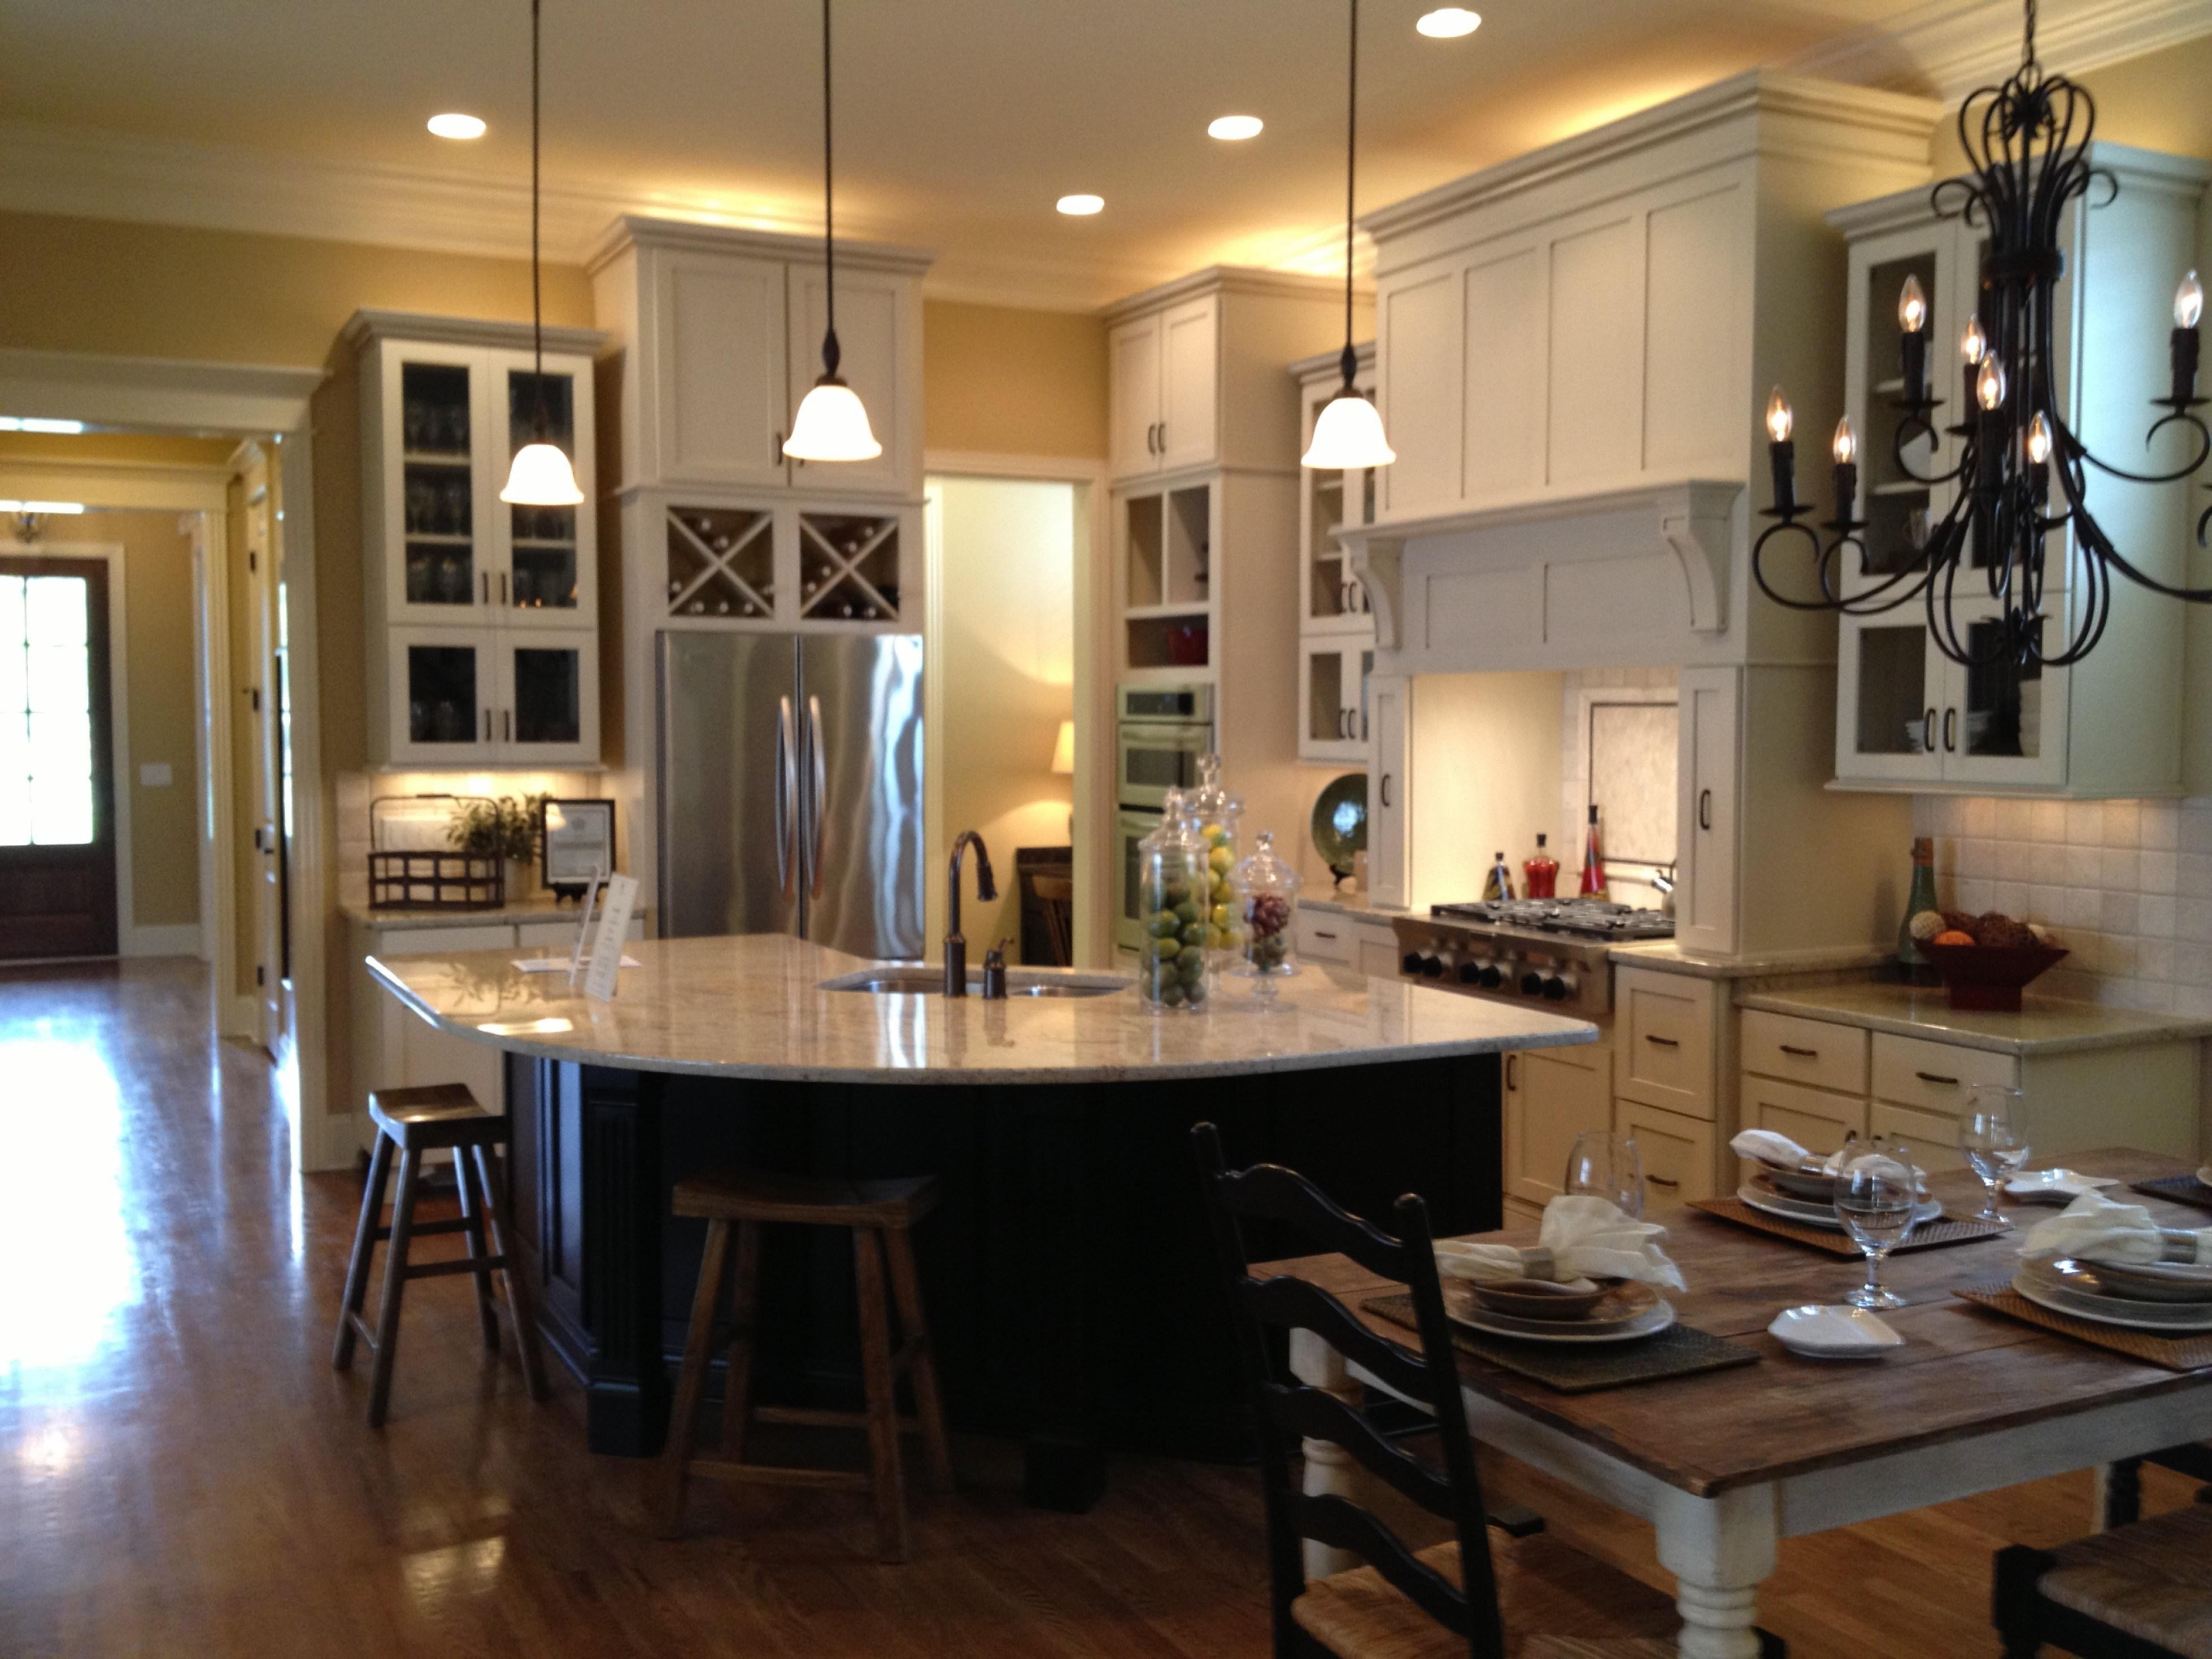 أشكال ديكورات مودرن للصالات المفتوحة على المطبخ